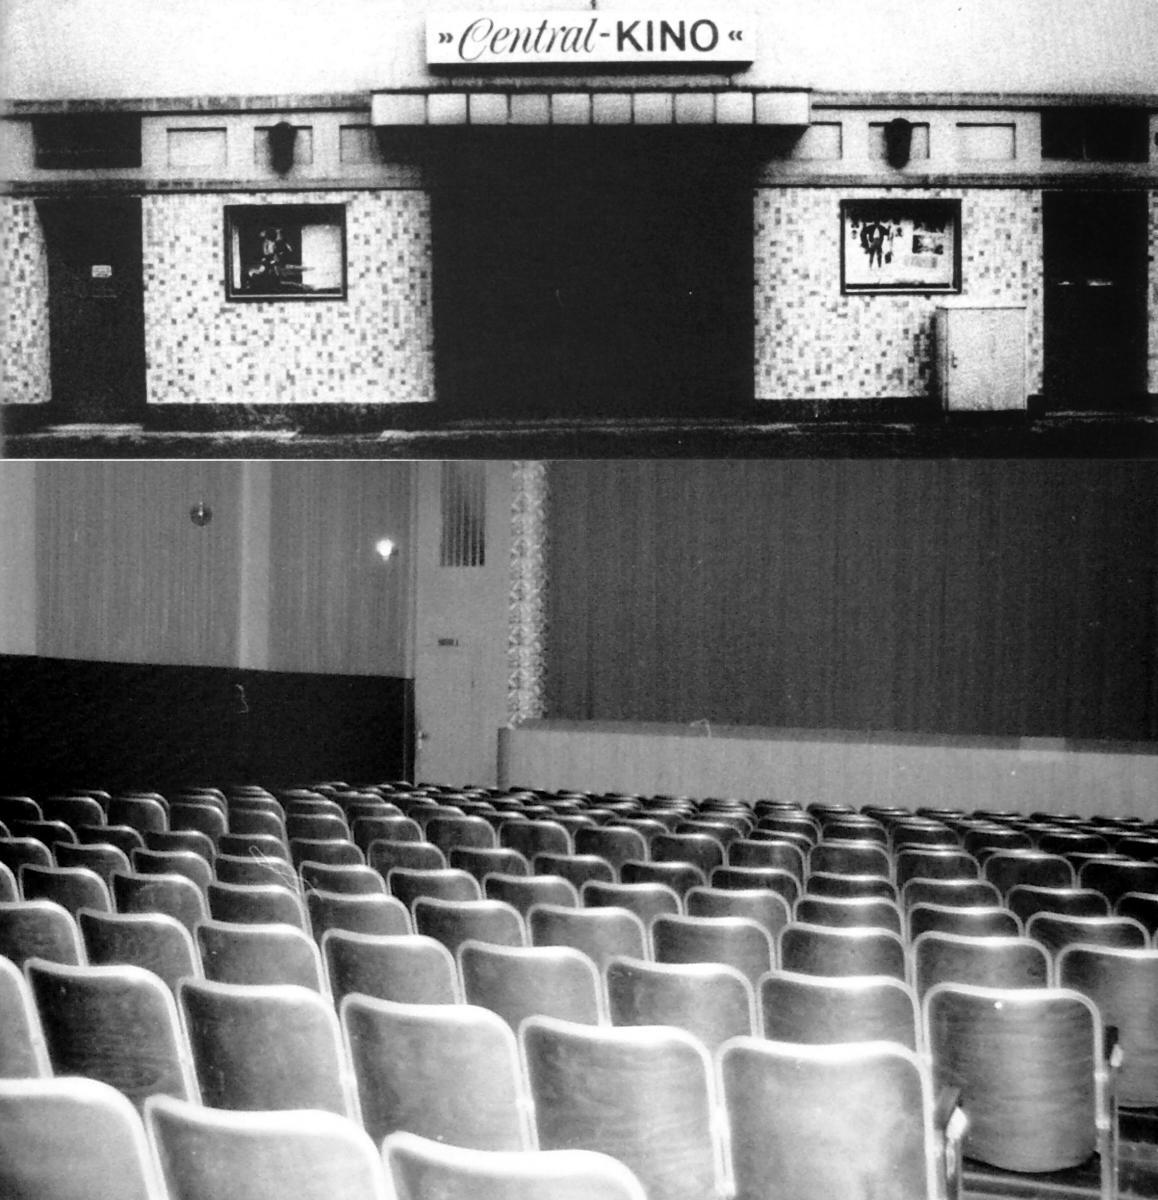 Kinowelt Alfeld